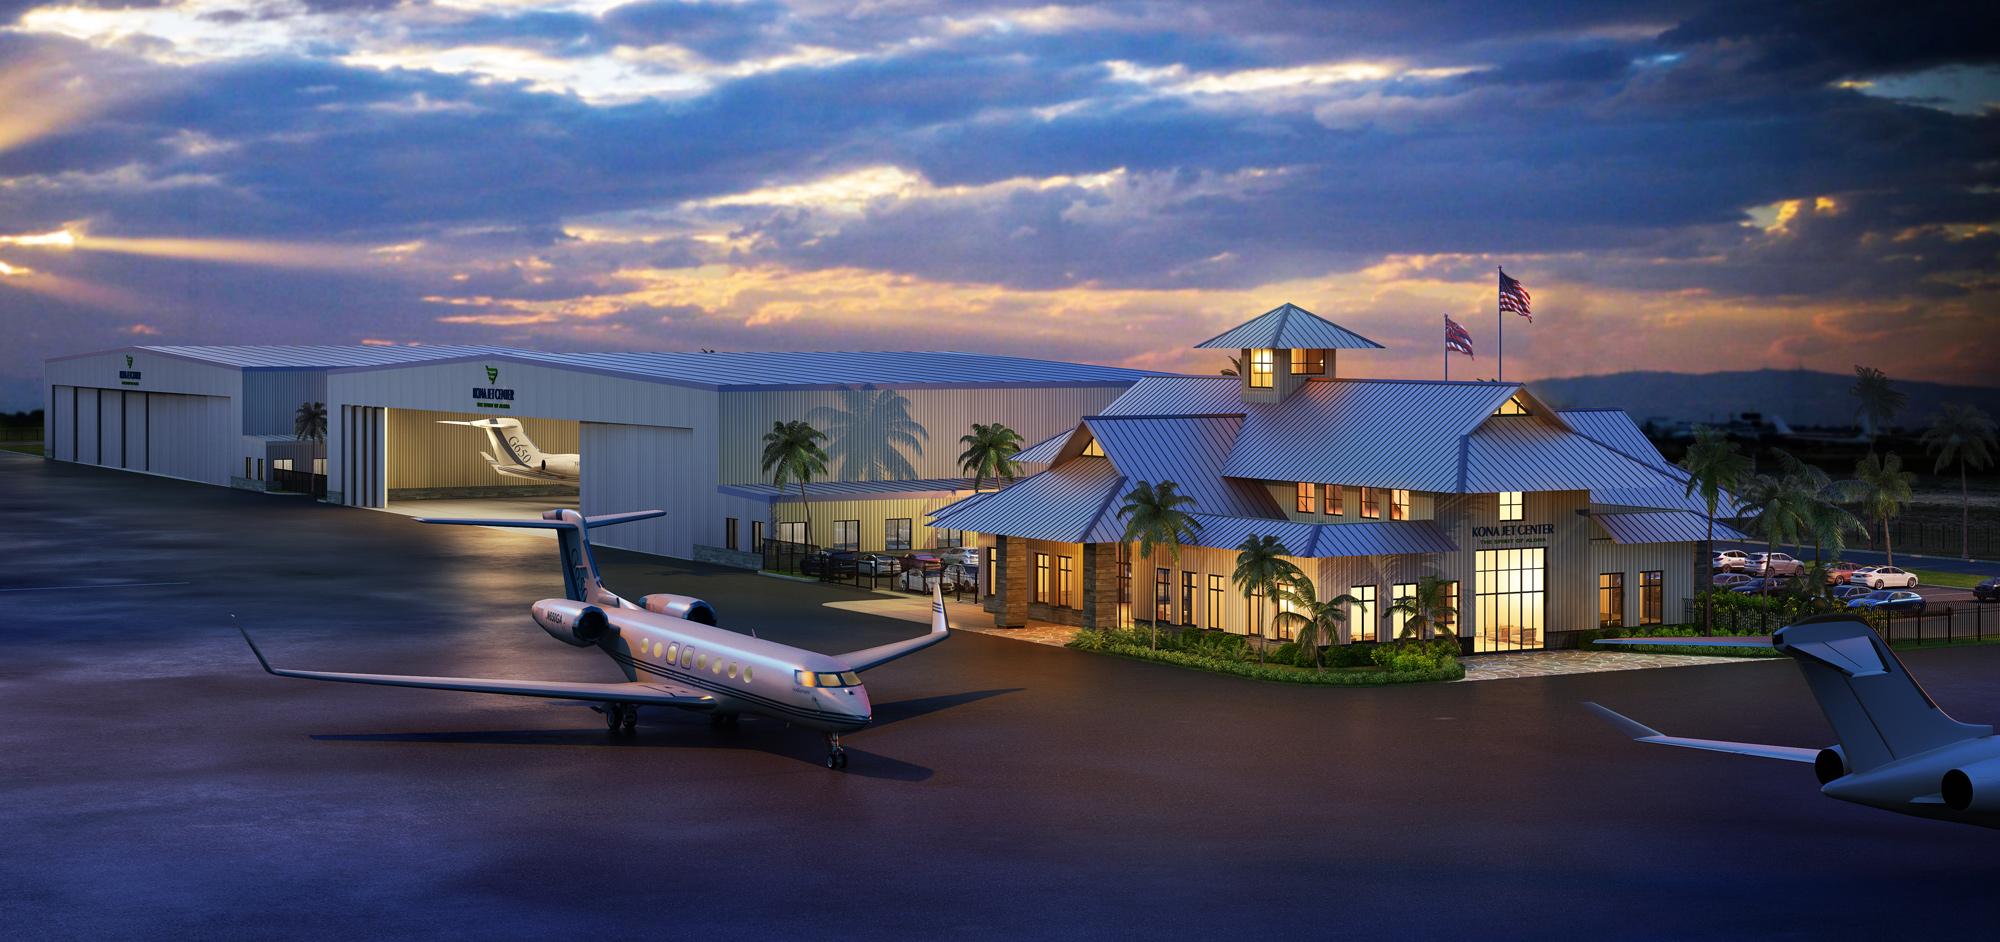 Kona-Jet-Center_Airside.jpg